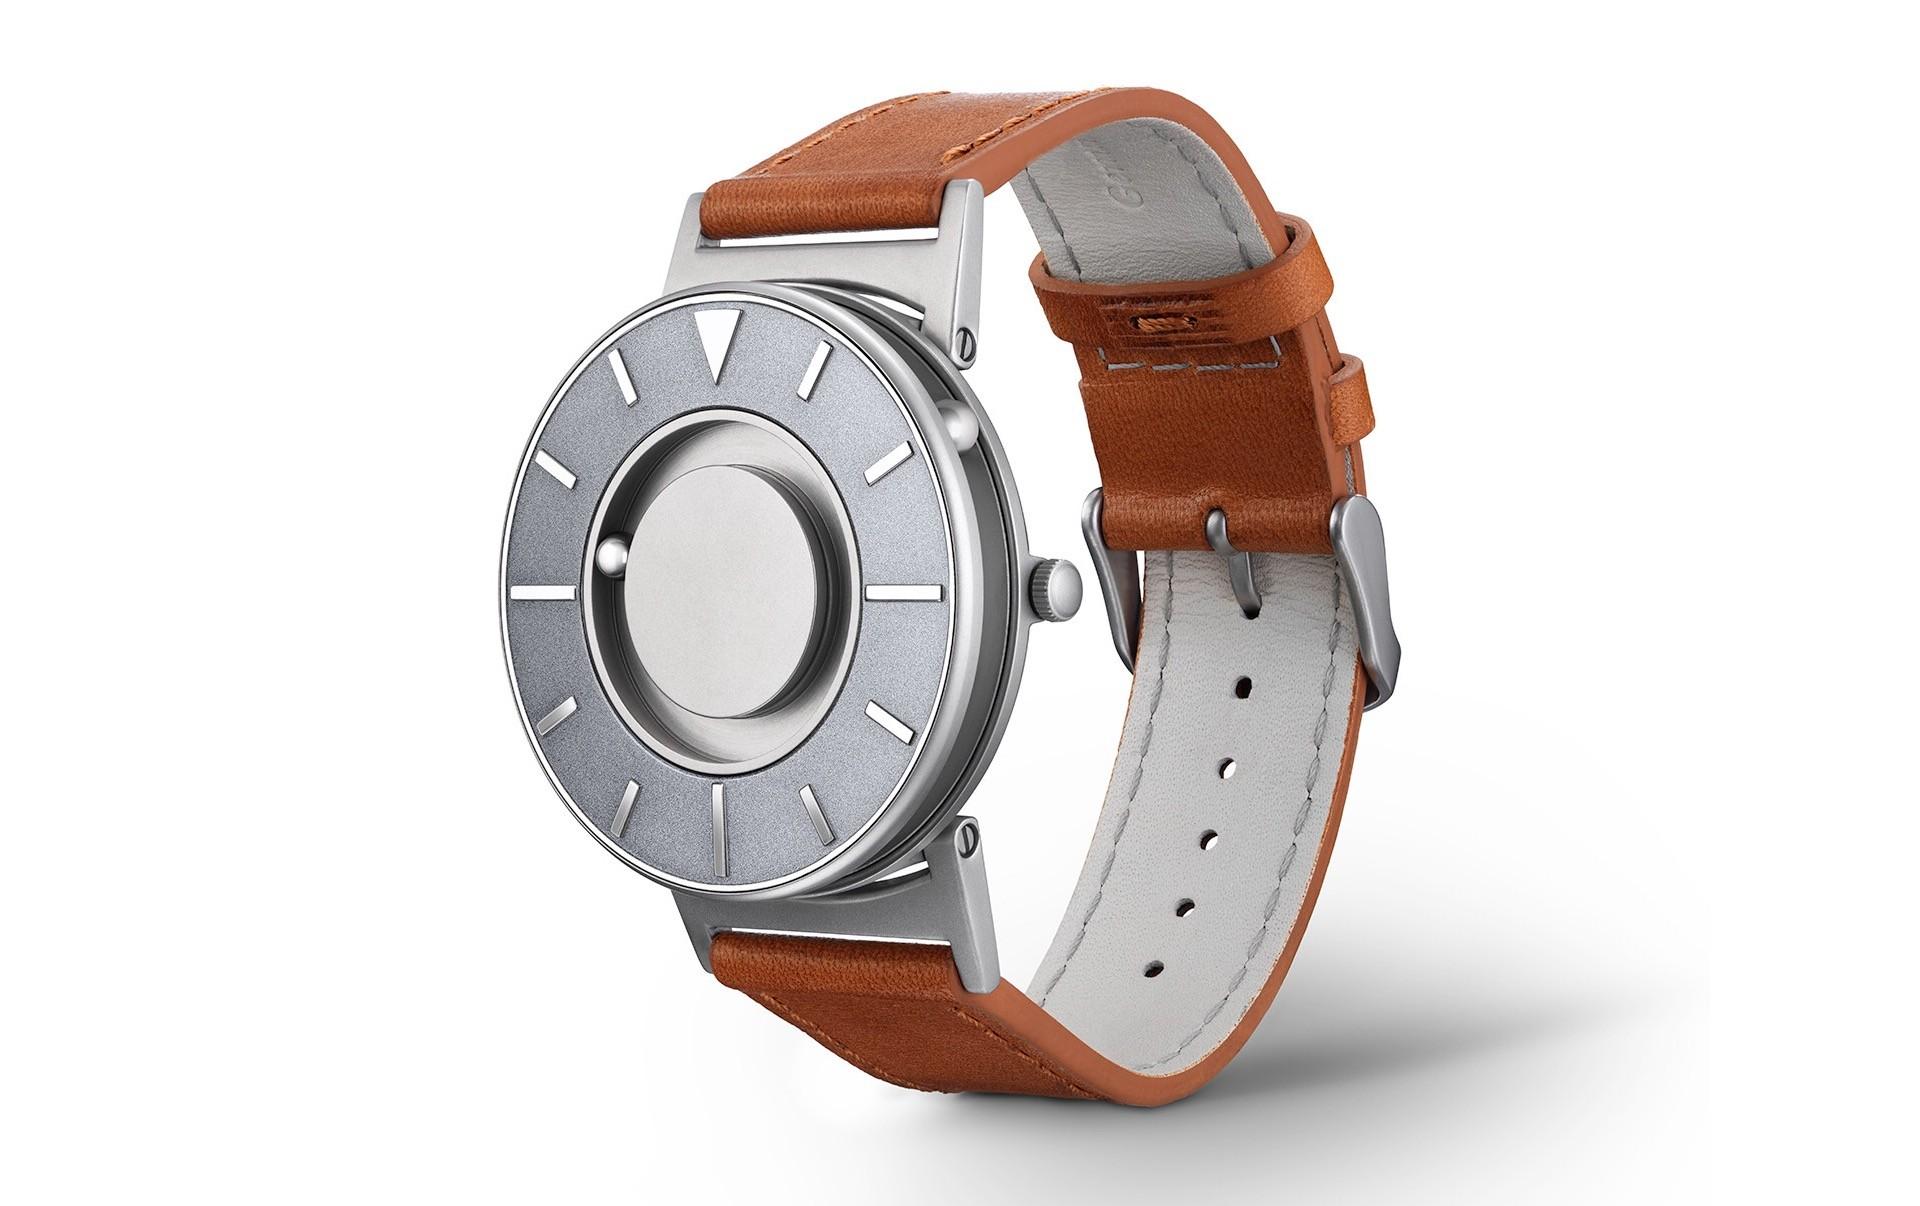 The Eone Bradley watch. ($285–$395, depending on model)